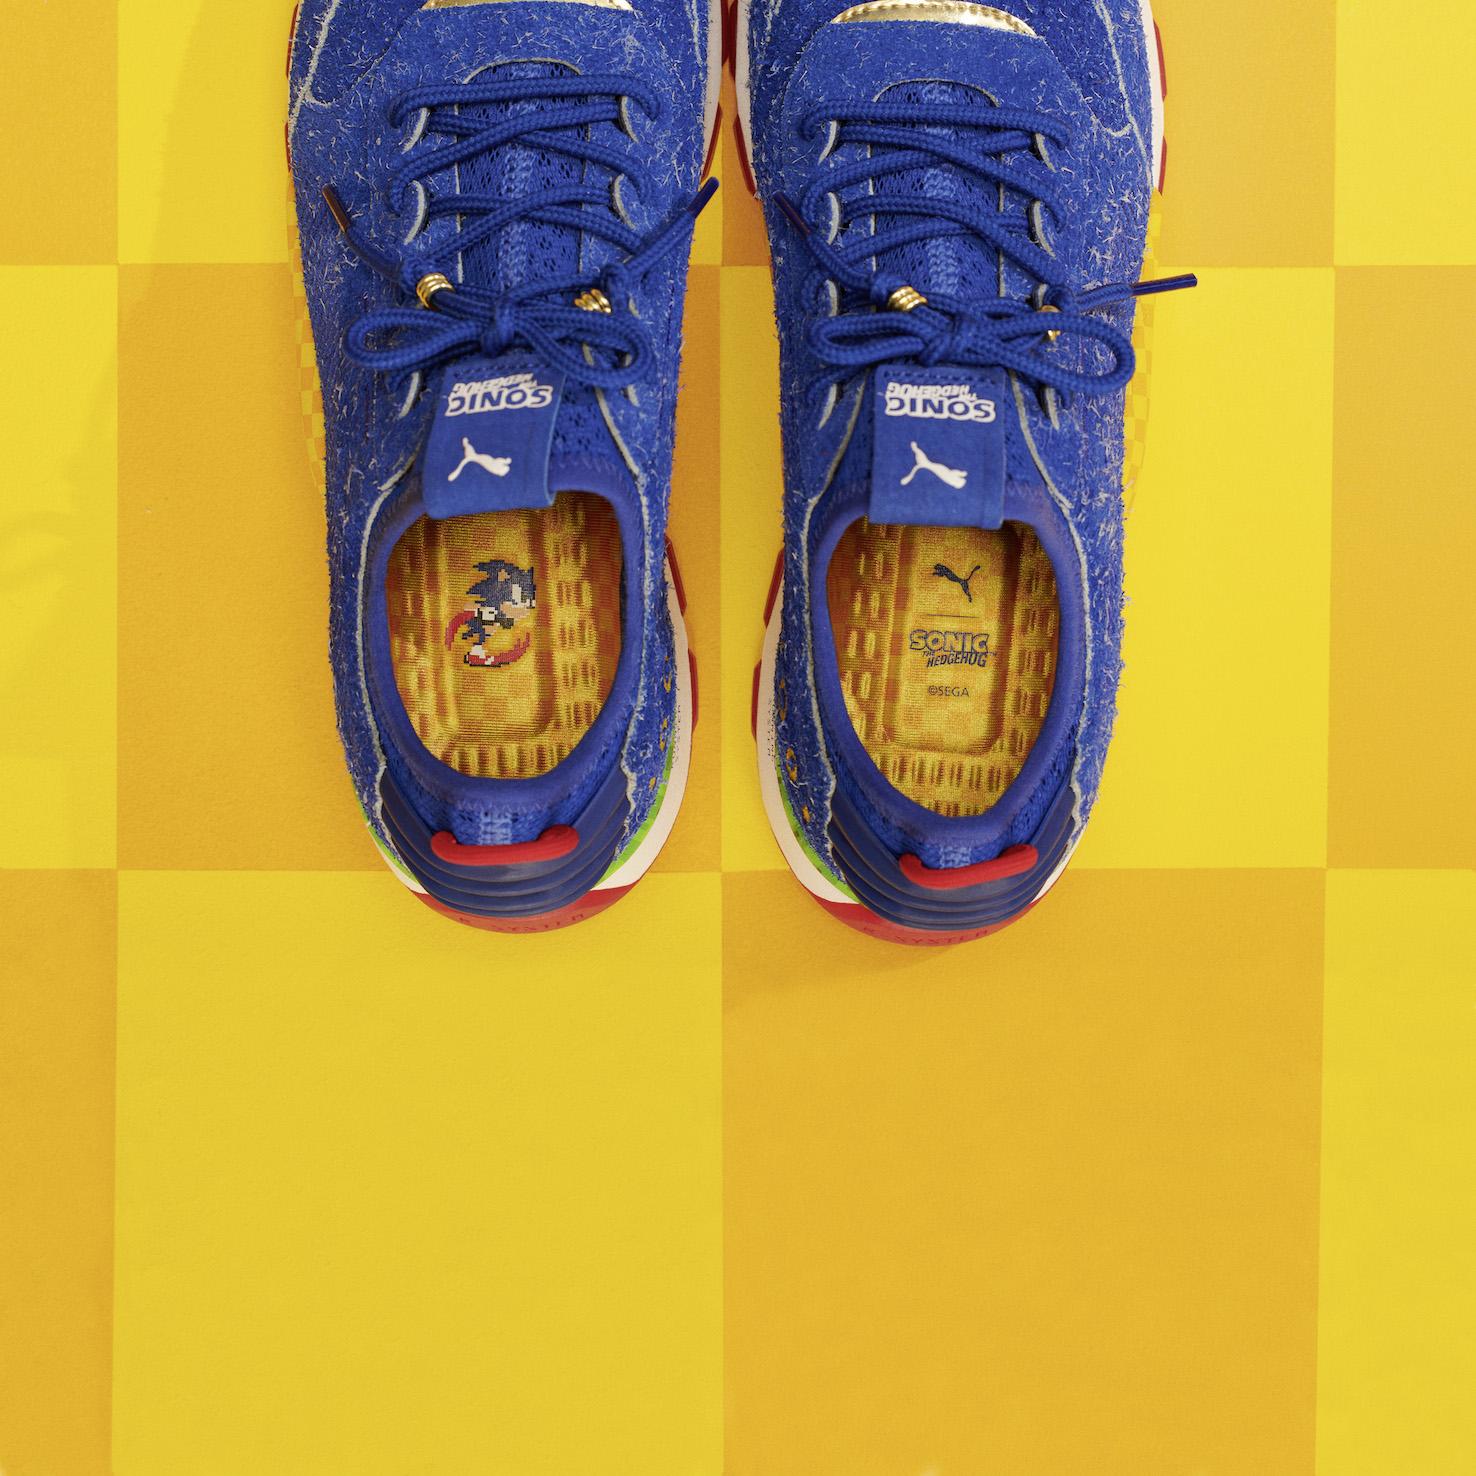 Tendenze scarpe 2018  Puma e Sega annunciano il nuovo modello (FOTO ... 925c3fc9d7b